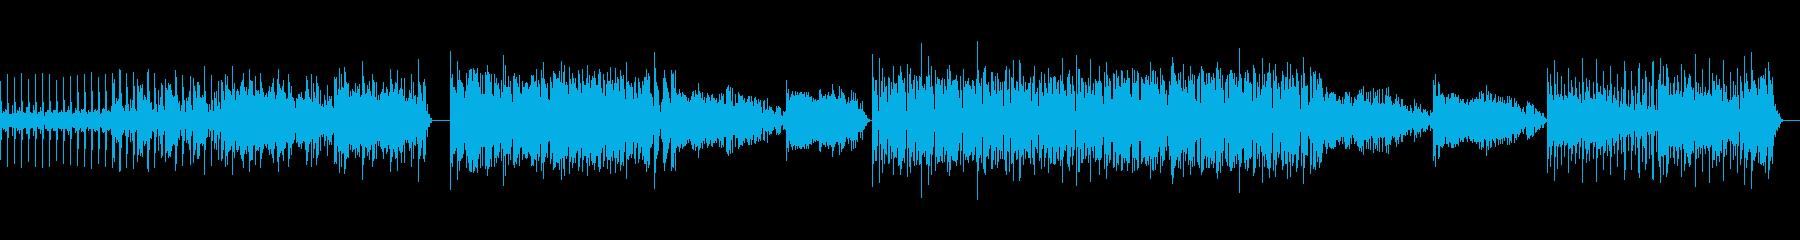 不思議な重低音変速ビートのテクノ の曲の再生済みの波形